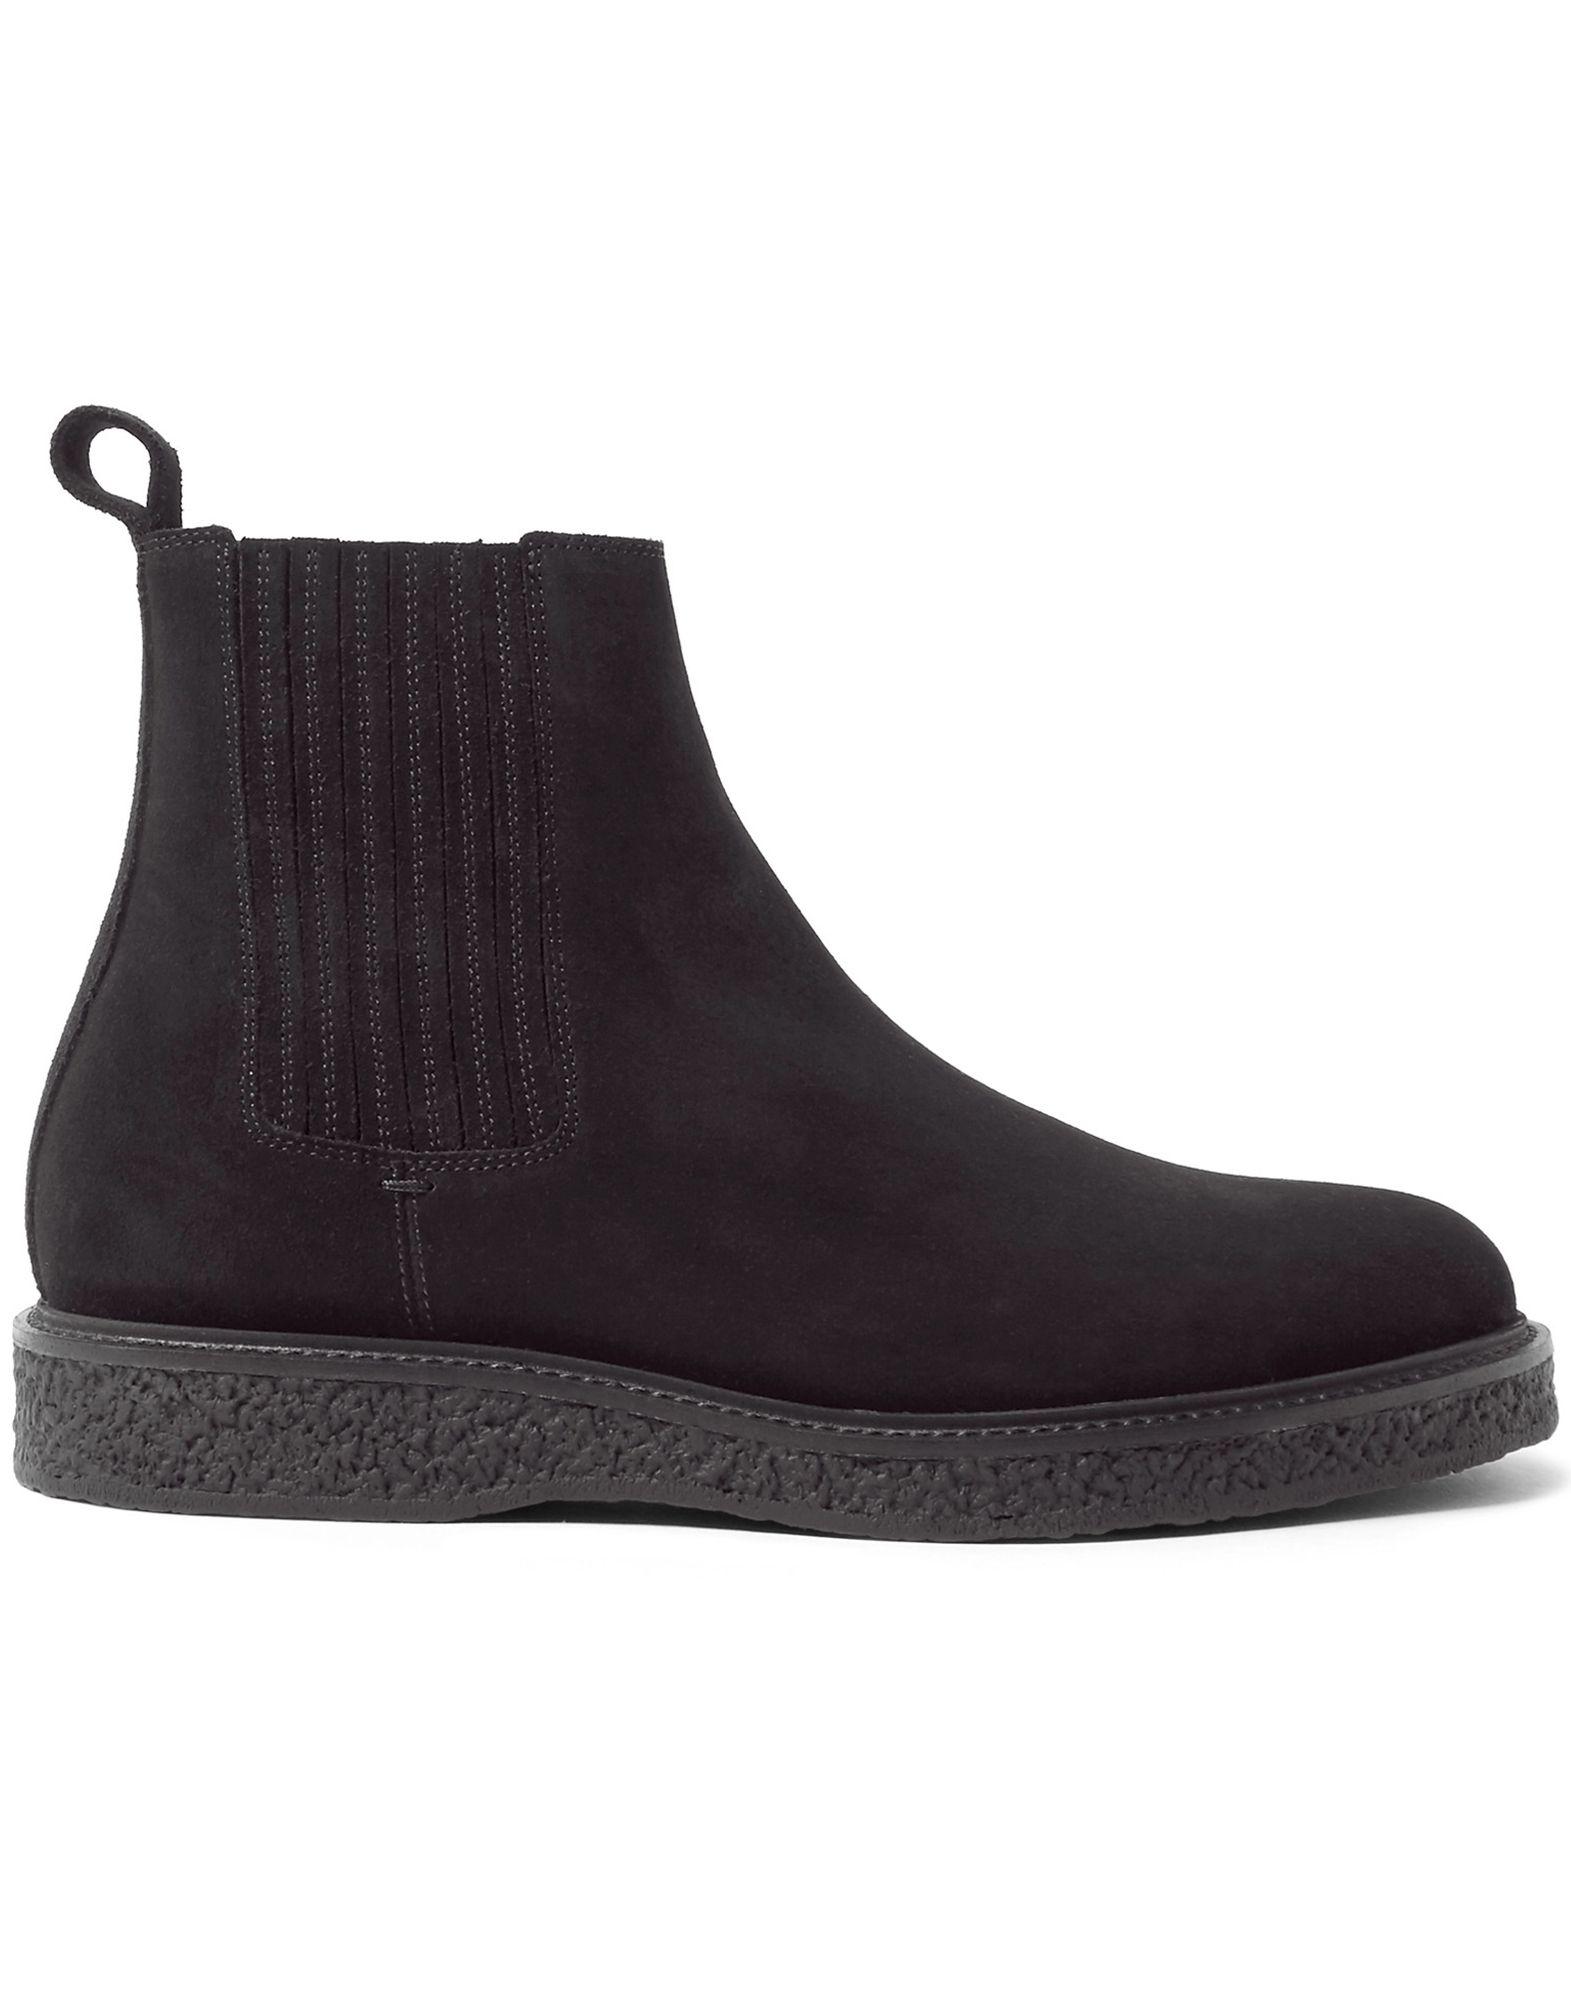 Saint Laurent Stiefelette Herren  11539810HQ Gute Qualität beliebte Schuhe